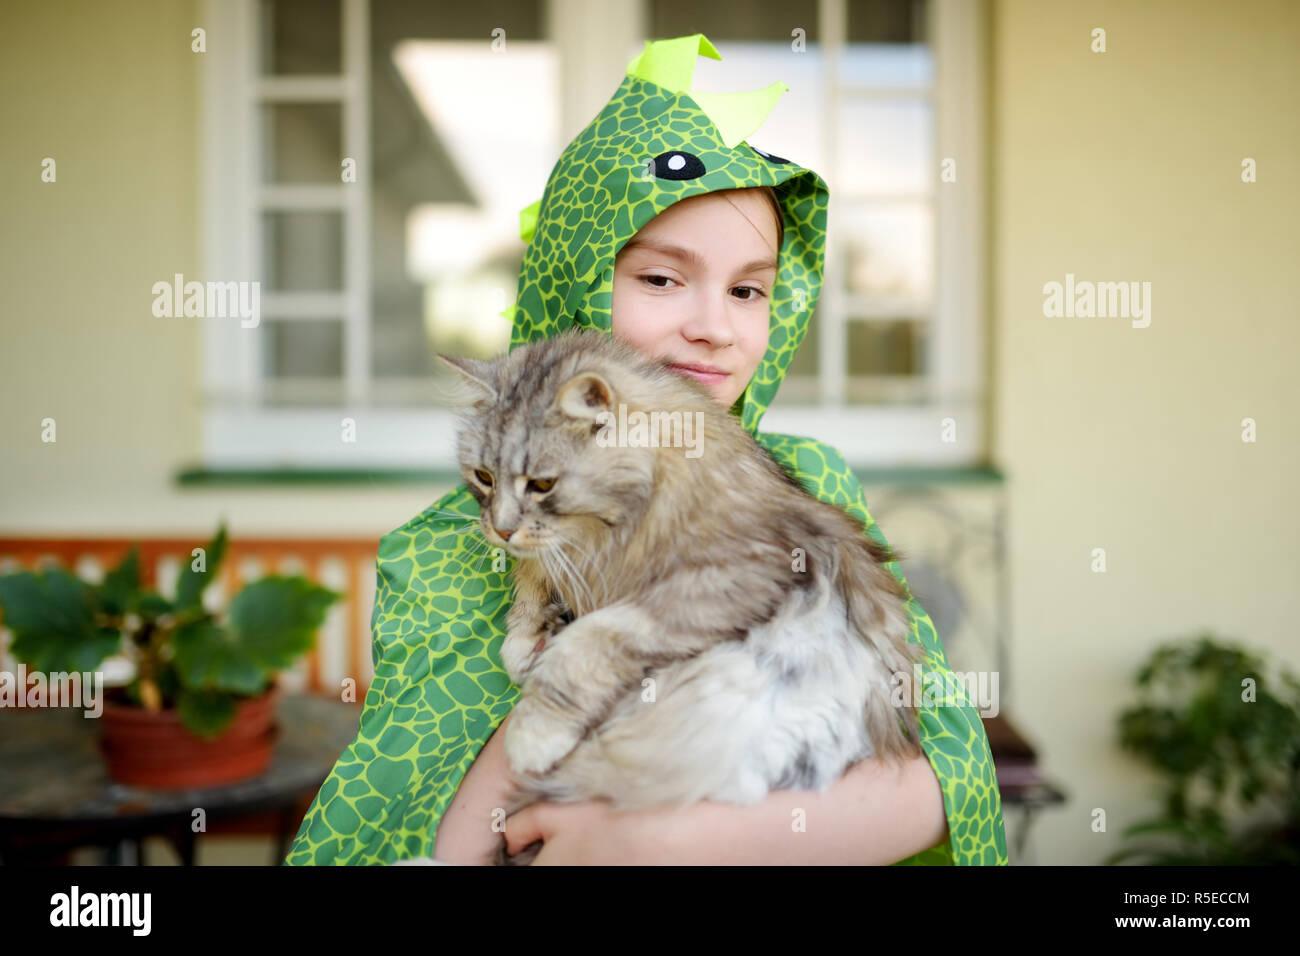 Ragazza carina indossando il costume di fantasia mentre tiene il suo gatto  sulla soleggiata giornata estiva 1eaef19b048